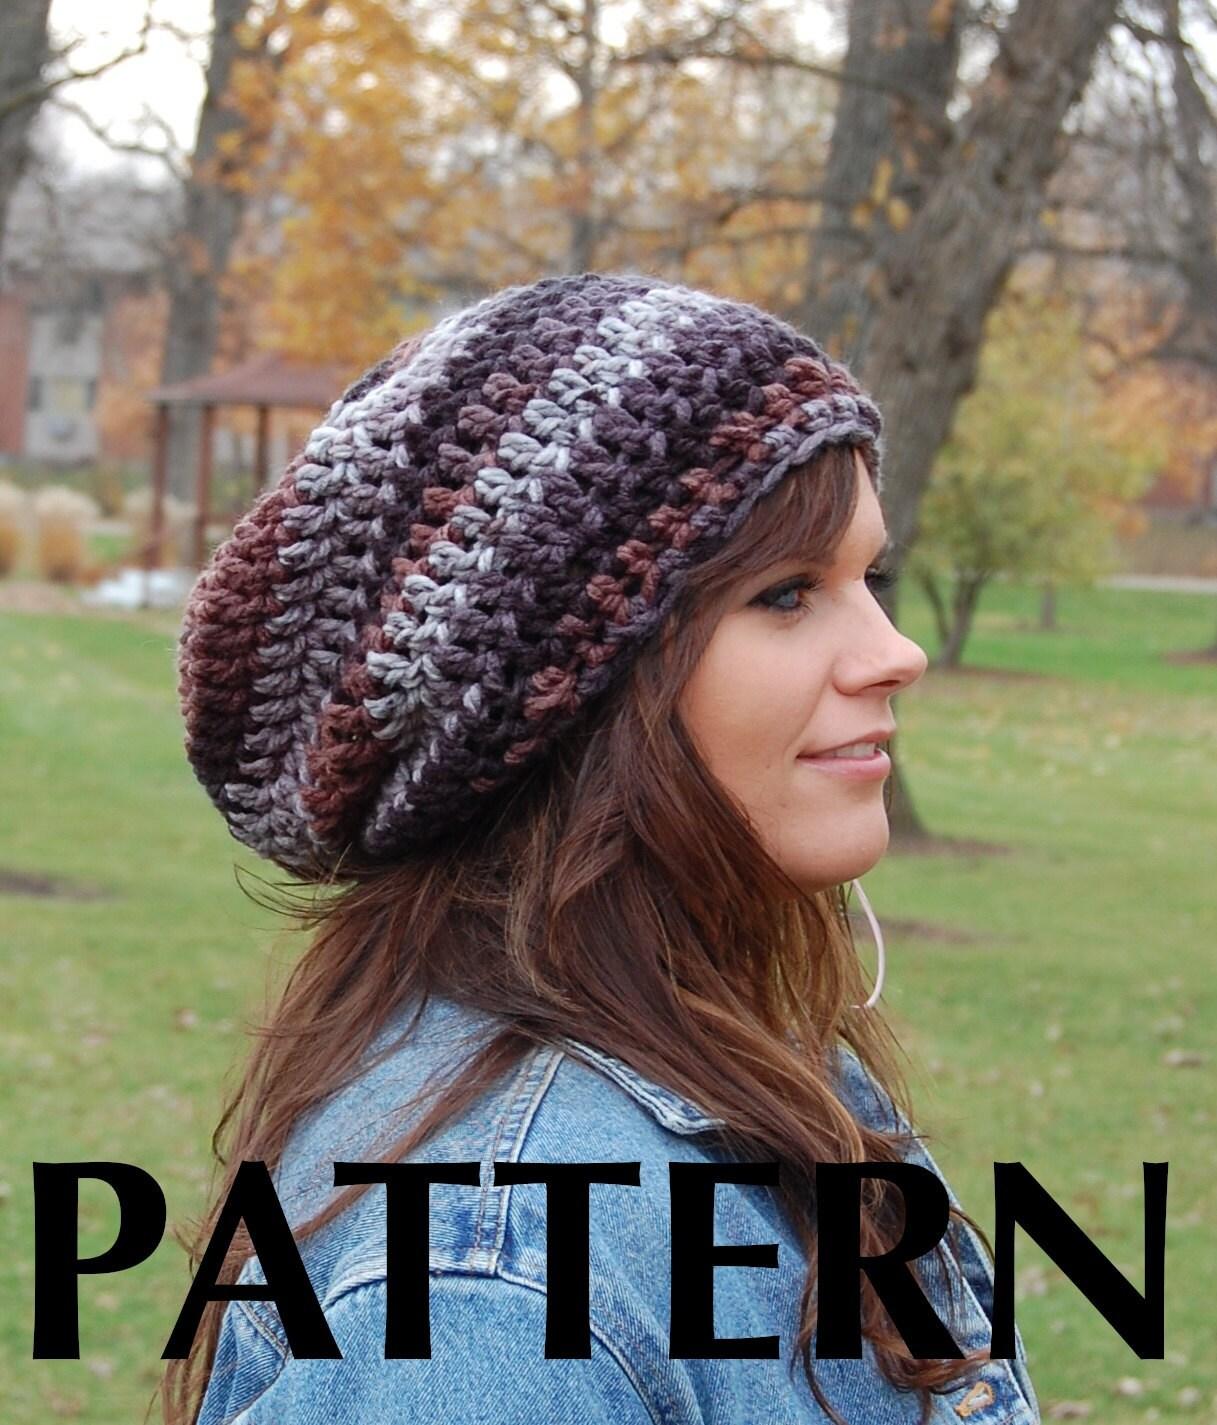 CROCHETED BEANIE HAT PATTERN Crochet Projects